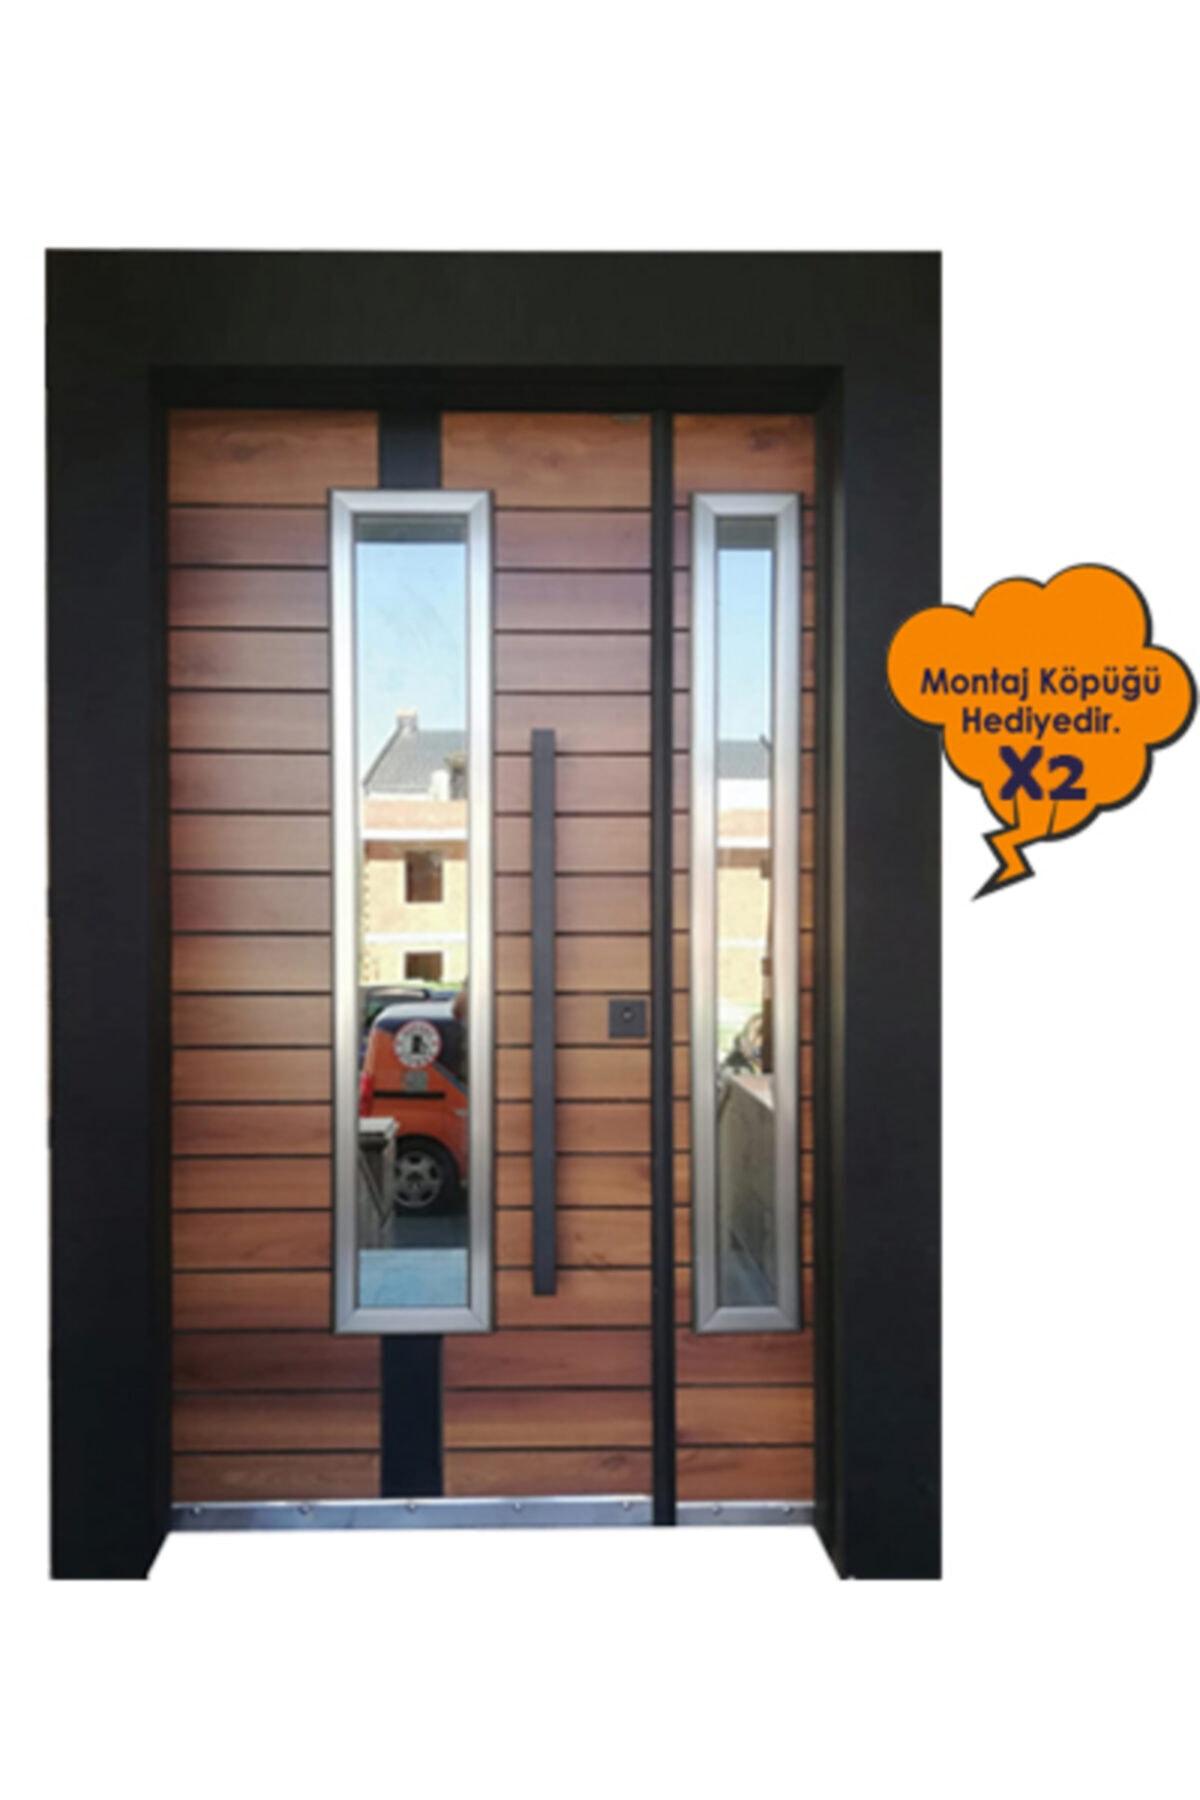 Villa Kapısı, Siyah Kasalı Alpi Desen Düz Model Apartman Giriş Kapısı , Çelik Kapı